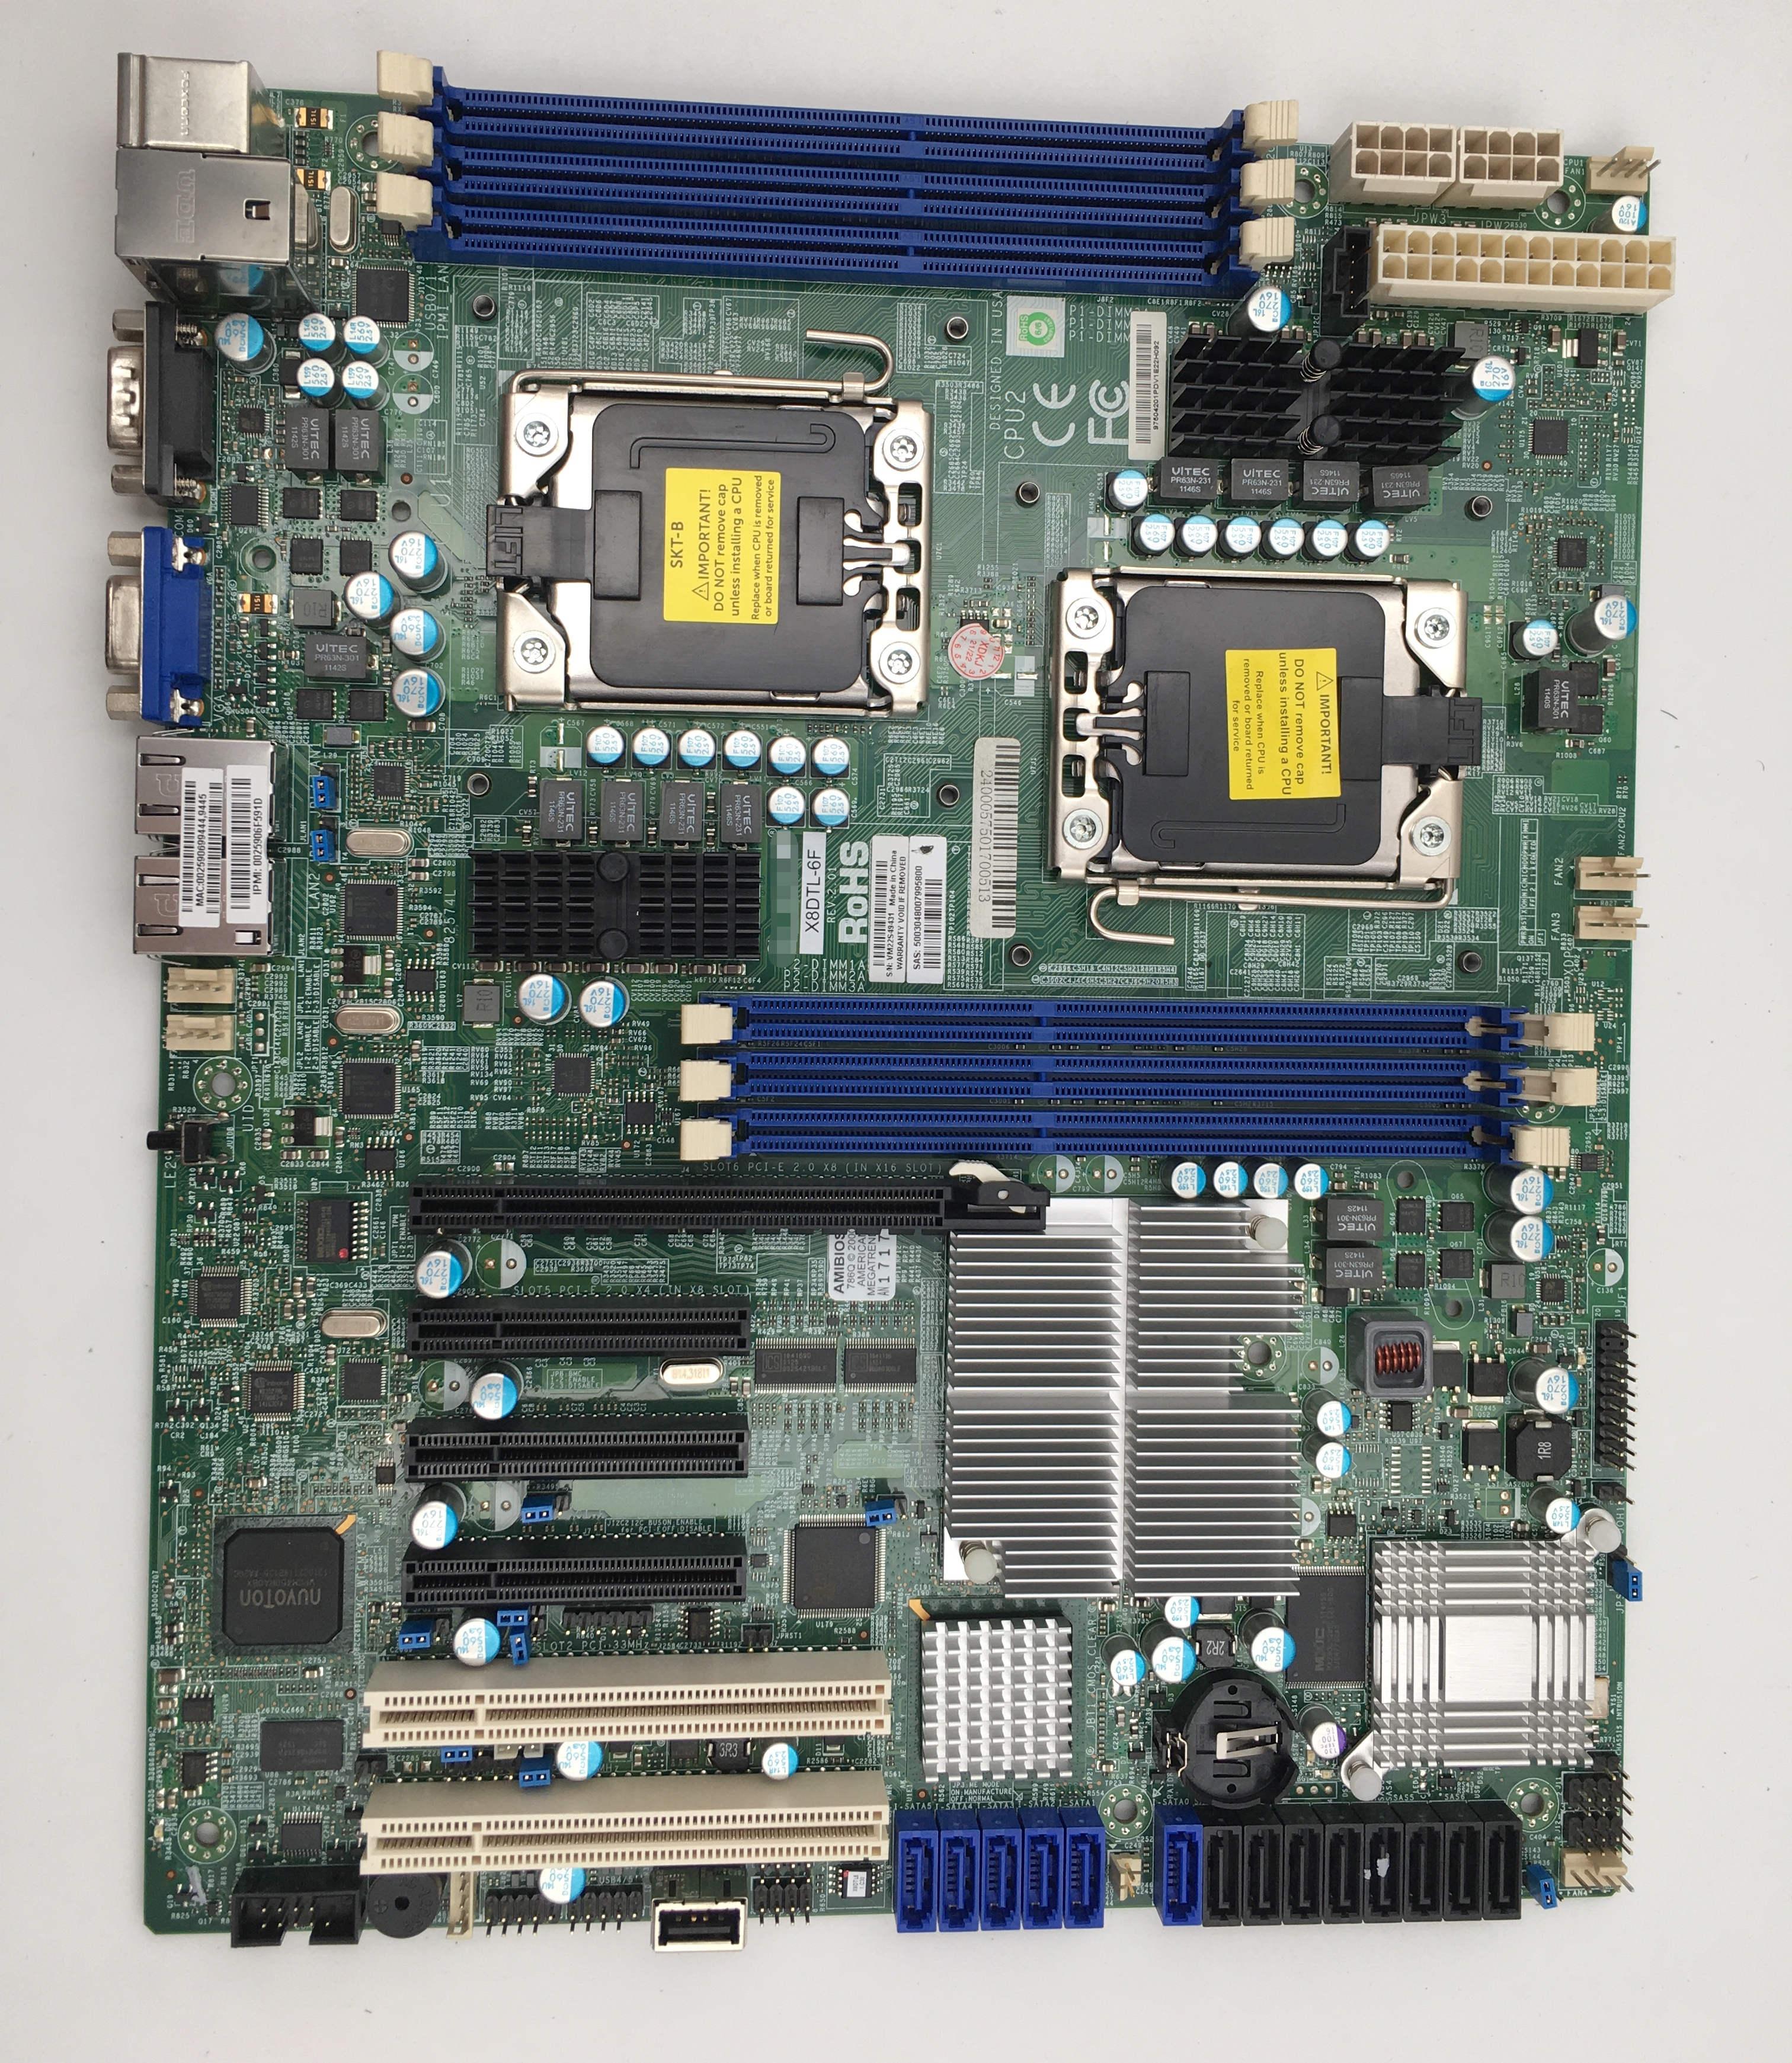 اللوحة الأم محطة عمل الخادم ل Supermicro X8DTL-6F REV2.01